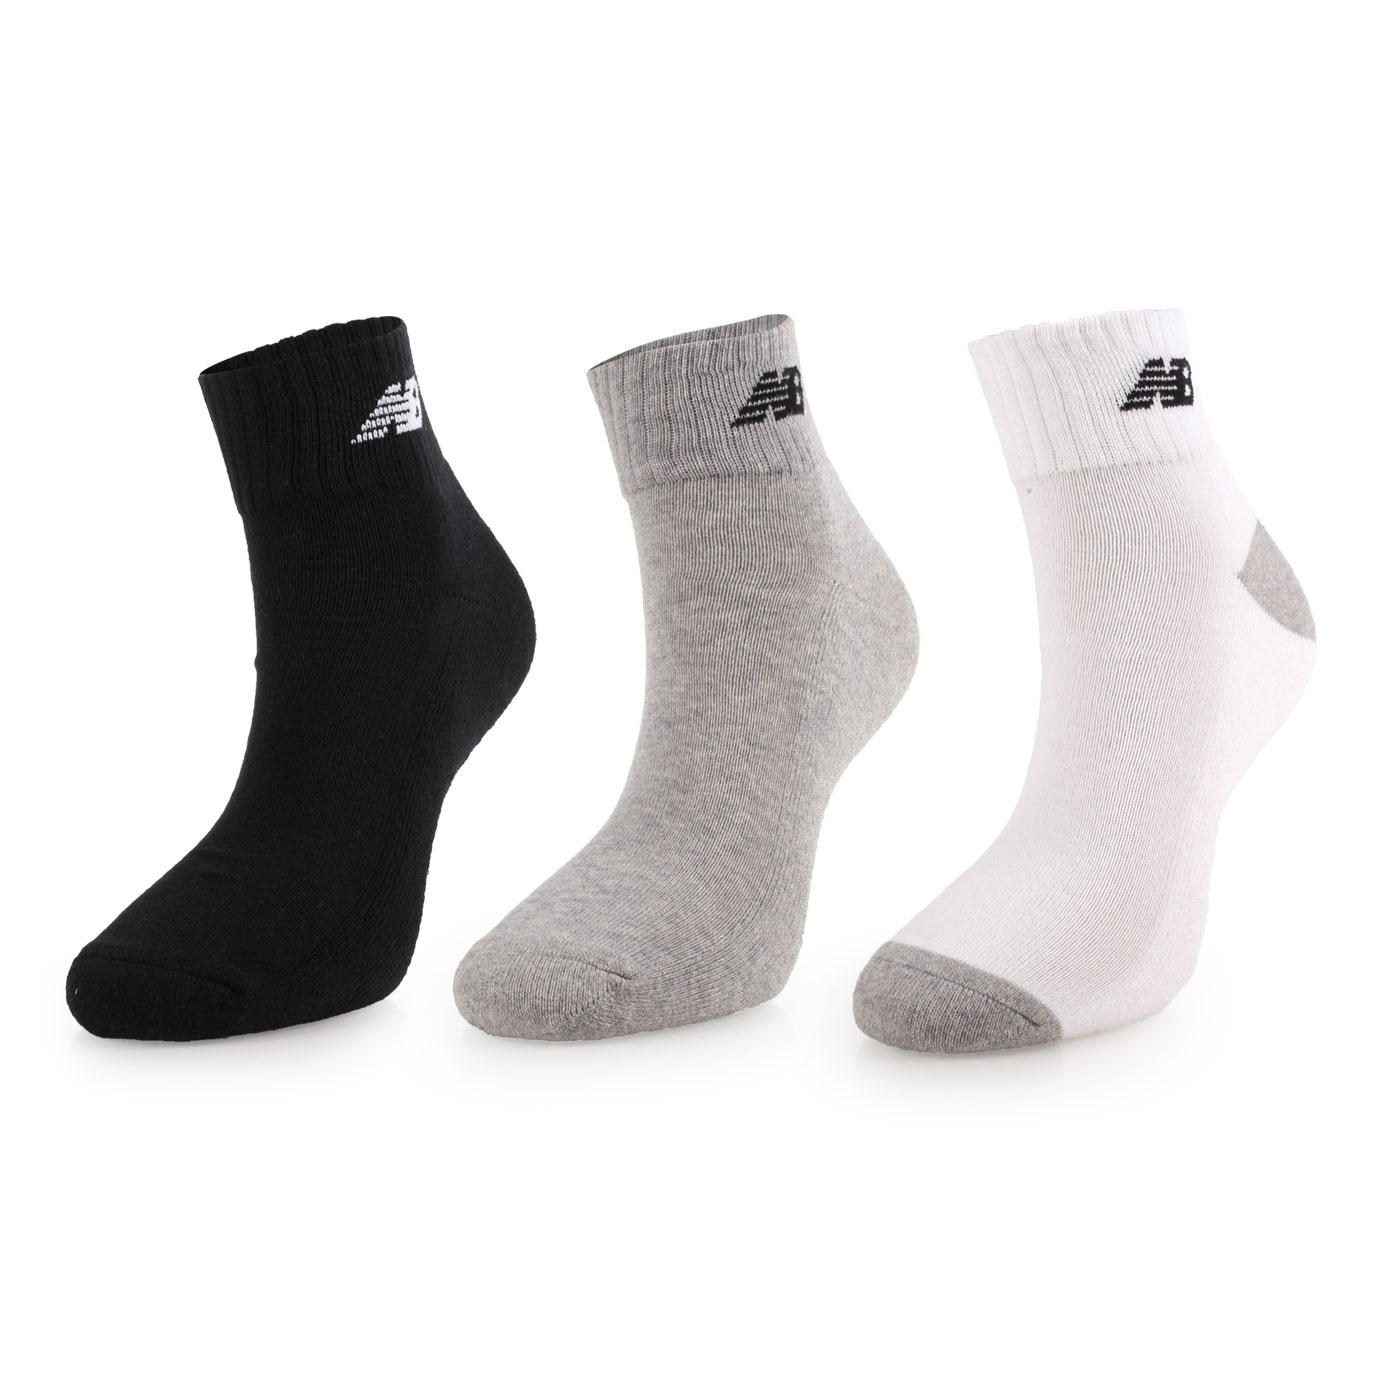 NEW BALANCE 運動短襪(3入) 7831810200 - 黑灰白